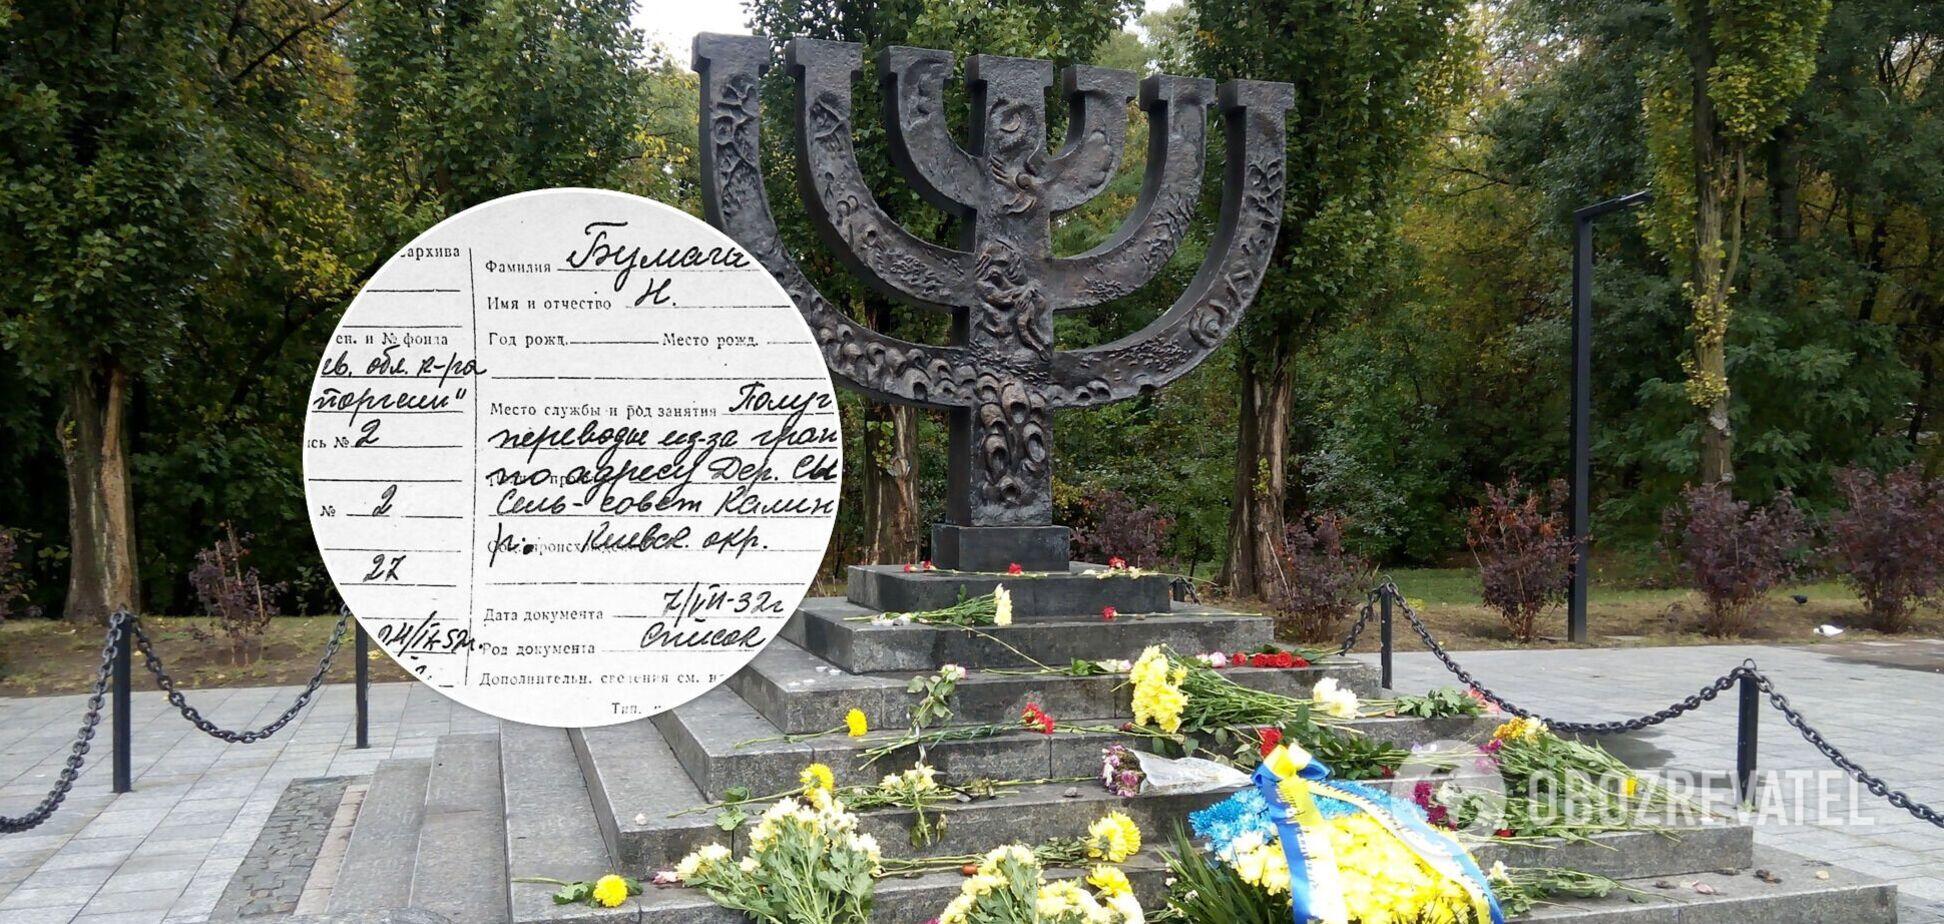 Мемориальный Центр Холокоста обнародовал картотеку киевлян, которых в СССР считали 'неблагонадежными'